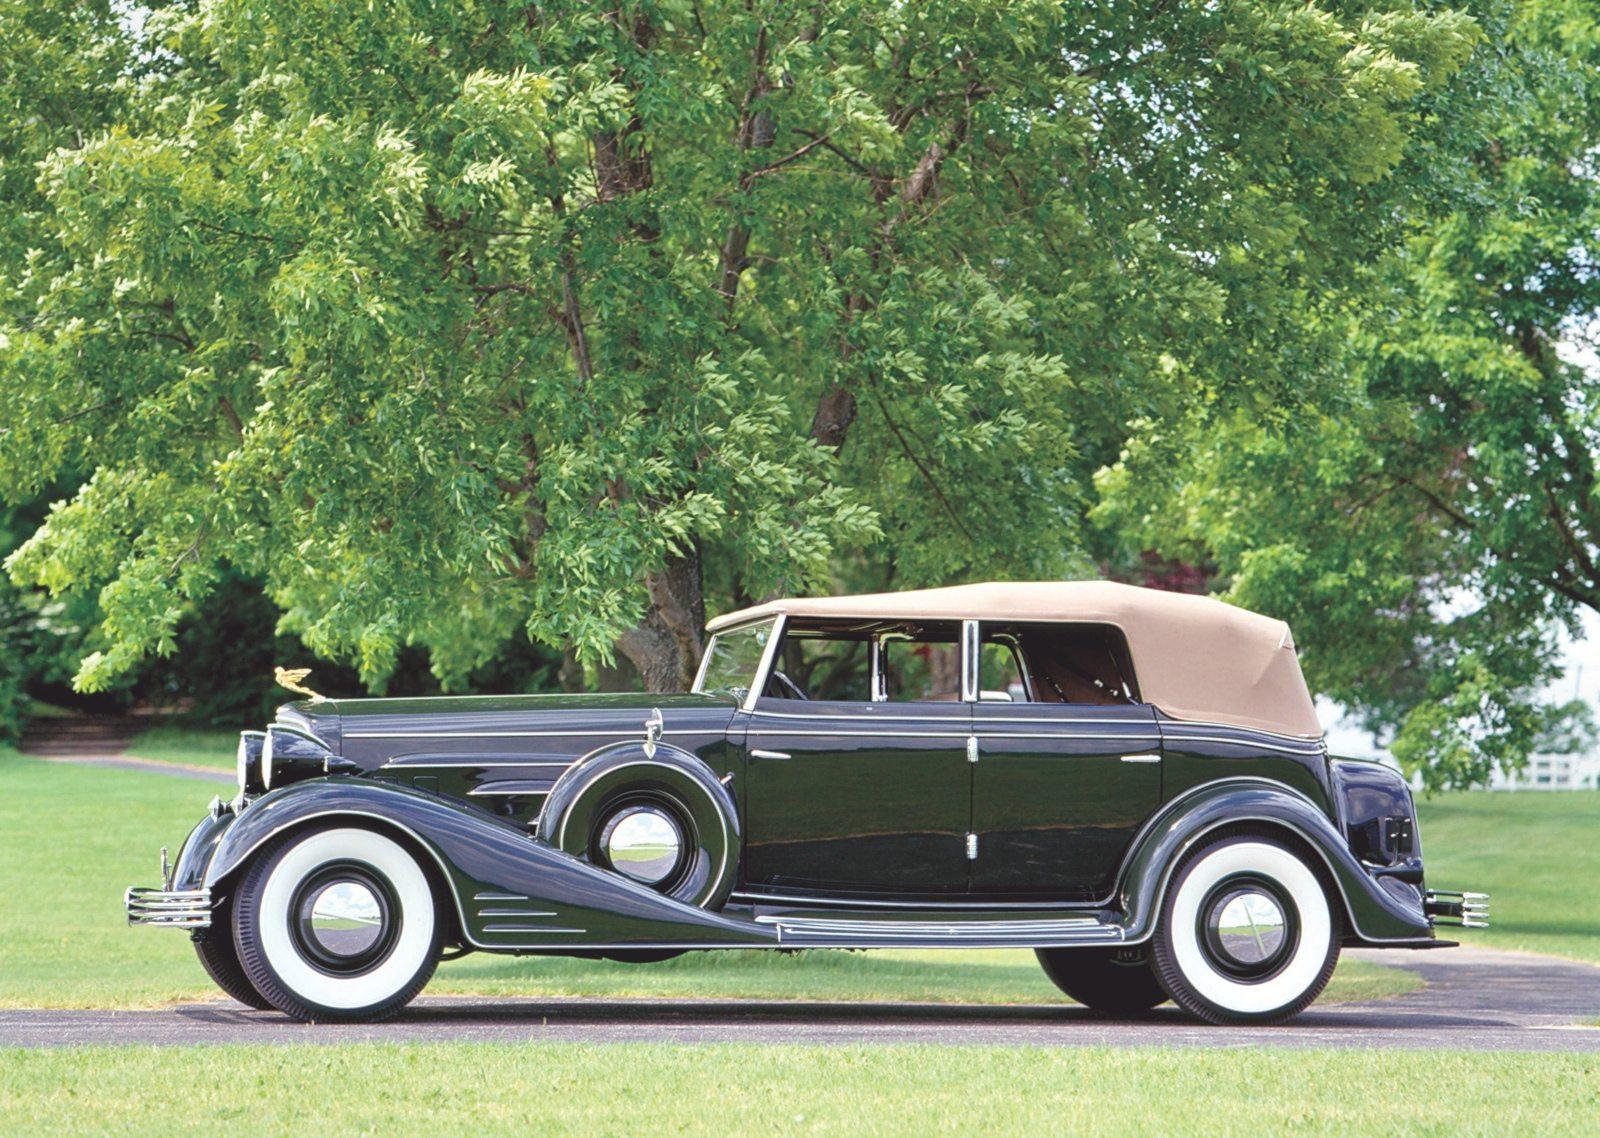 1933 Cadillac V16 Convertible Sedan by Fleetwood